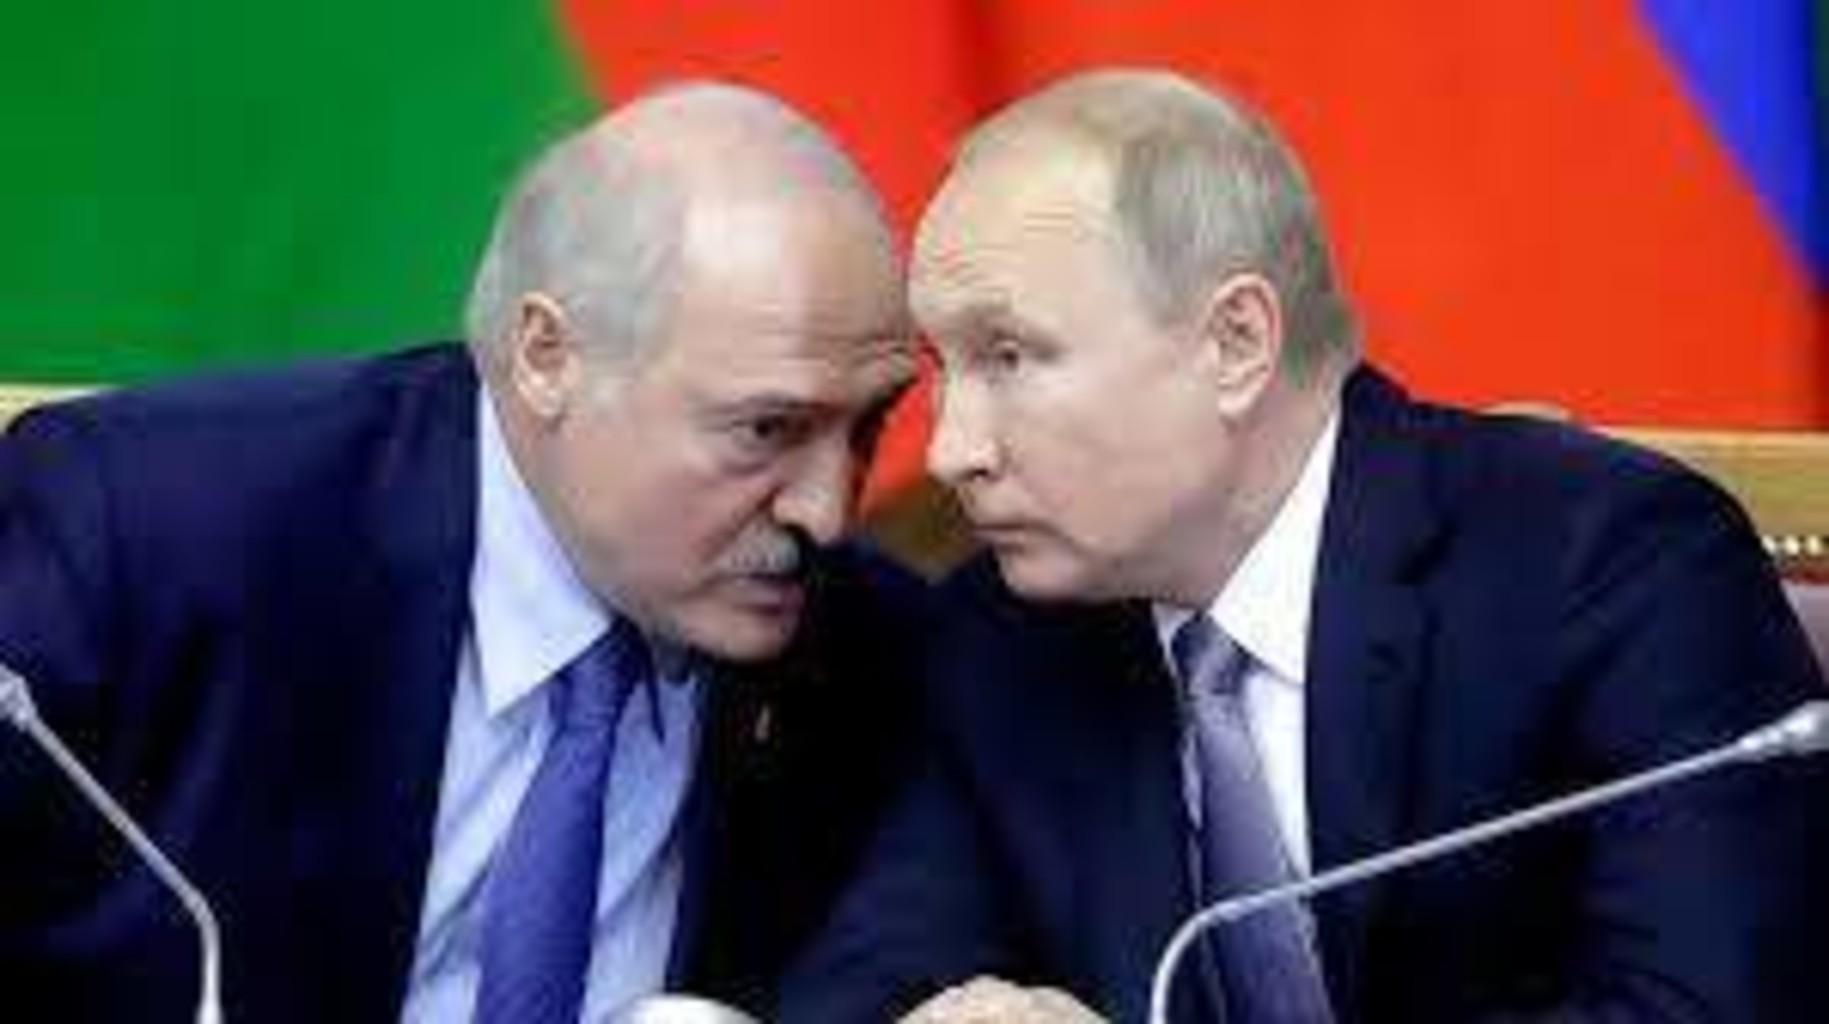 Аналитик: Заявление ФСБ принималось не на Лубянке, а непосредственно в Кремле. Для чего сейчас Путин столь демонстративно подыгрывает Лукашенко?